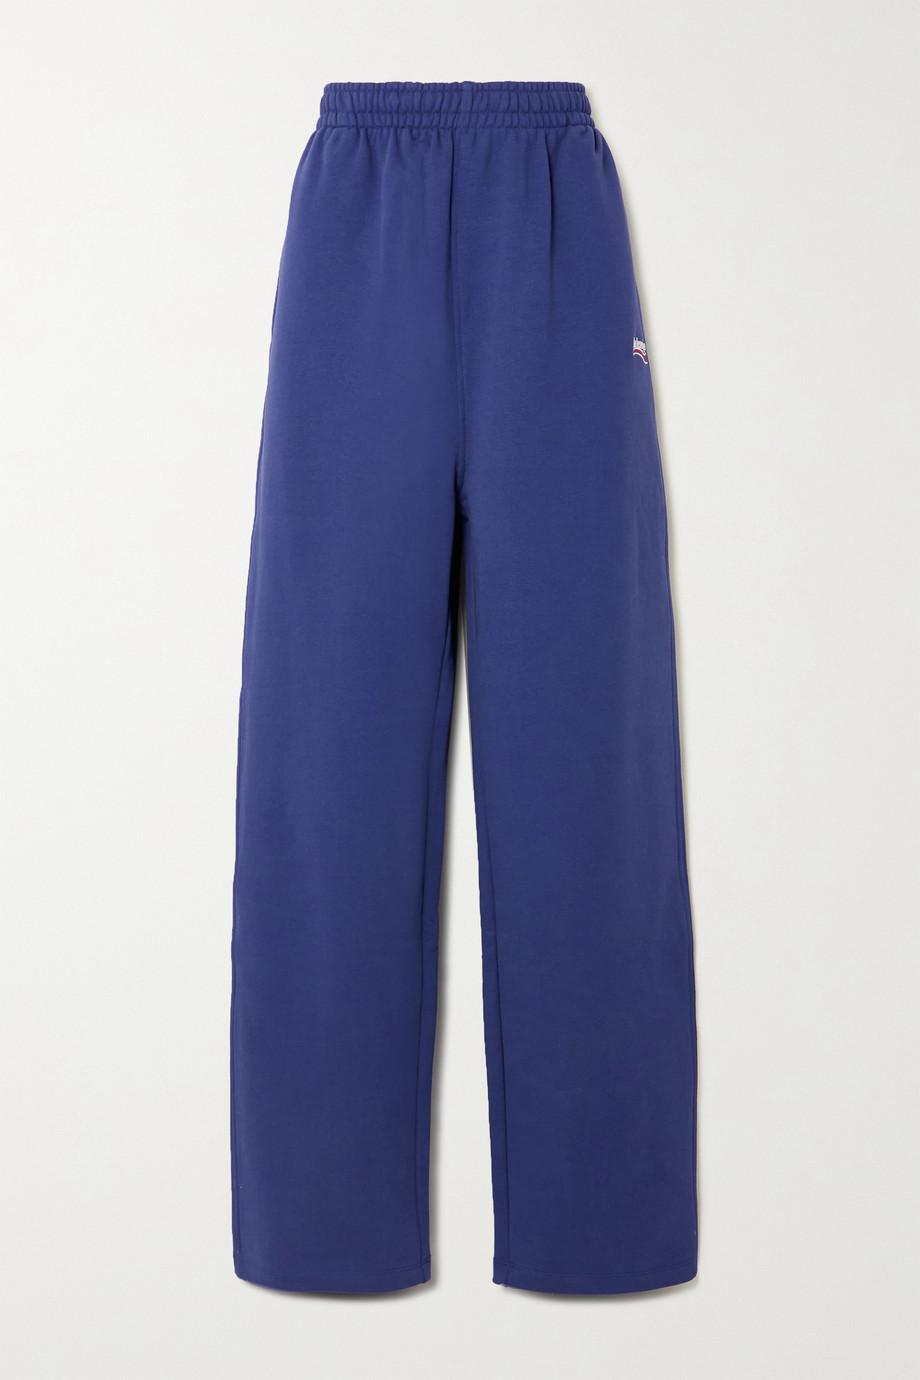 Balenciaga Pantalon de survêtement en jersey de coton à broderies